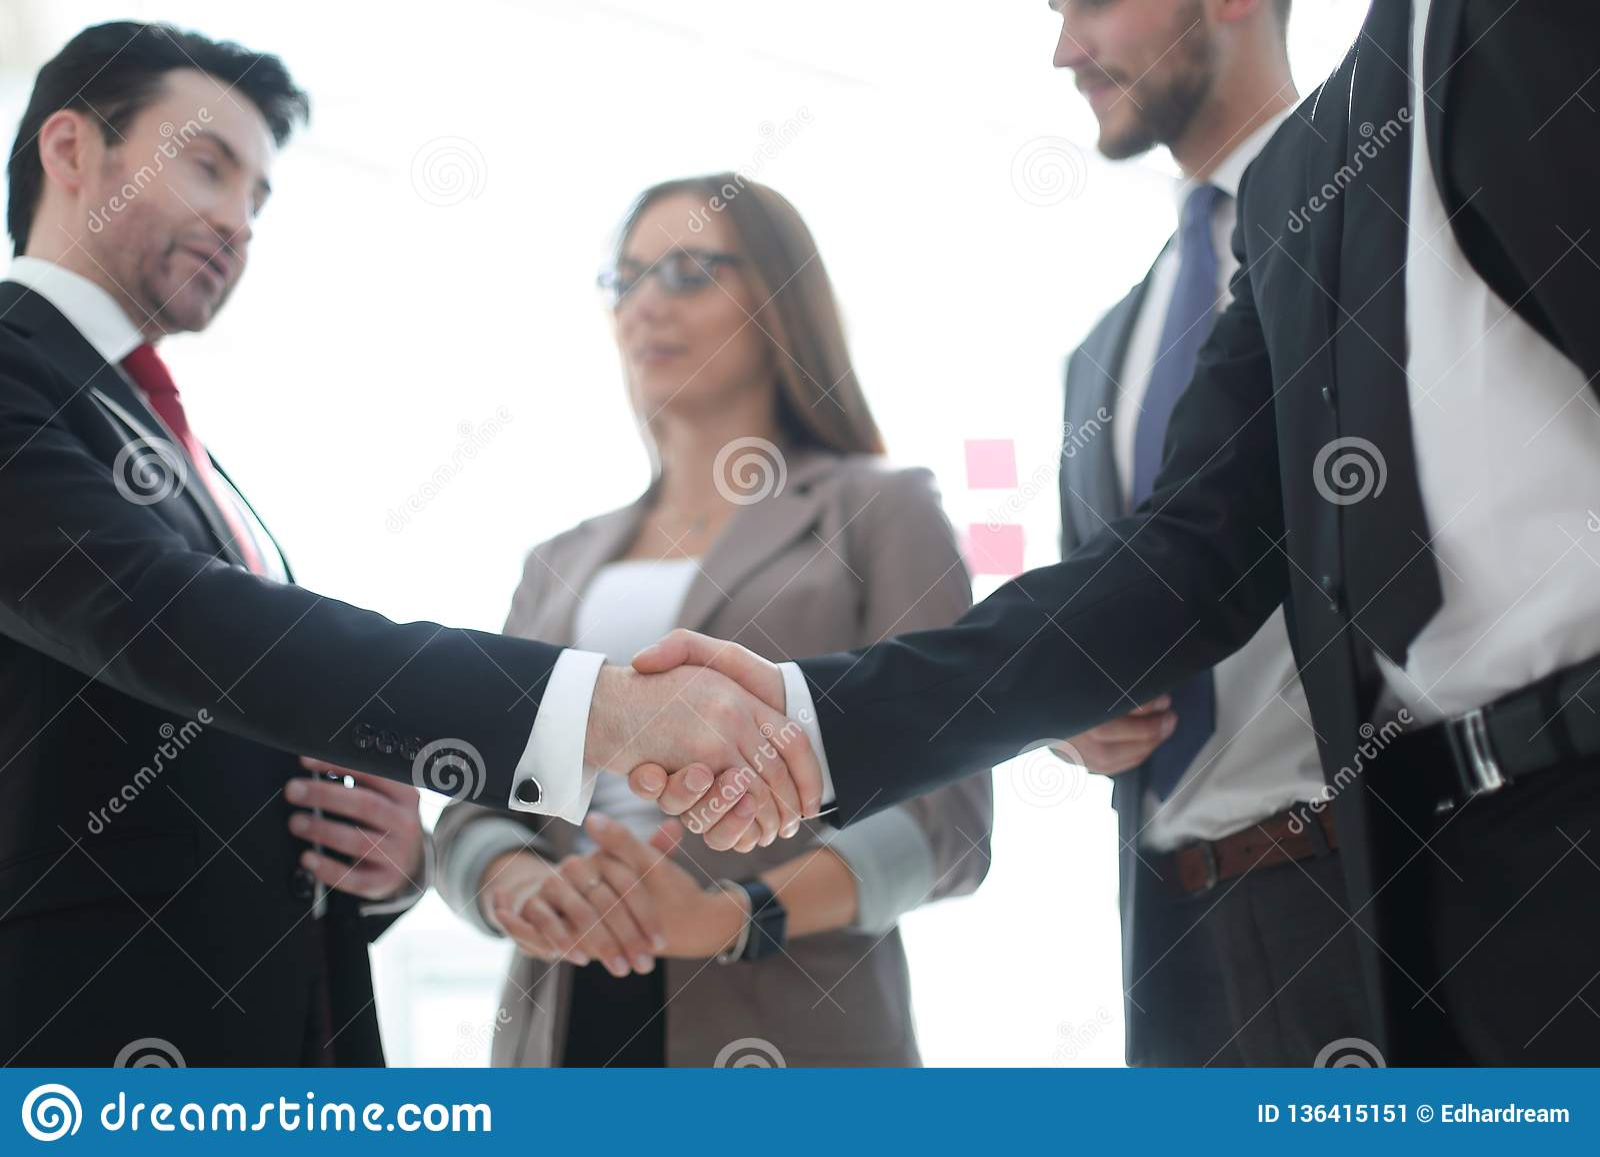 前景 商人握手